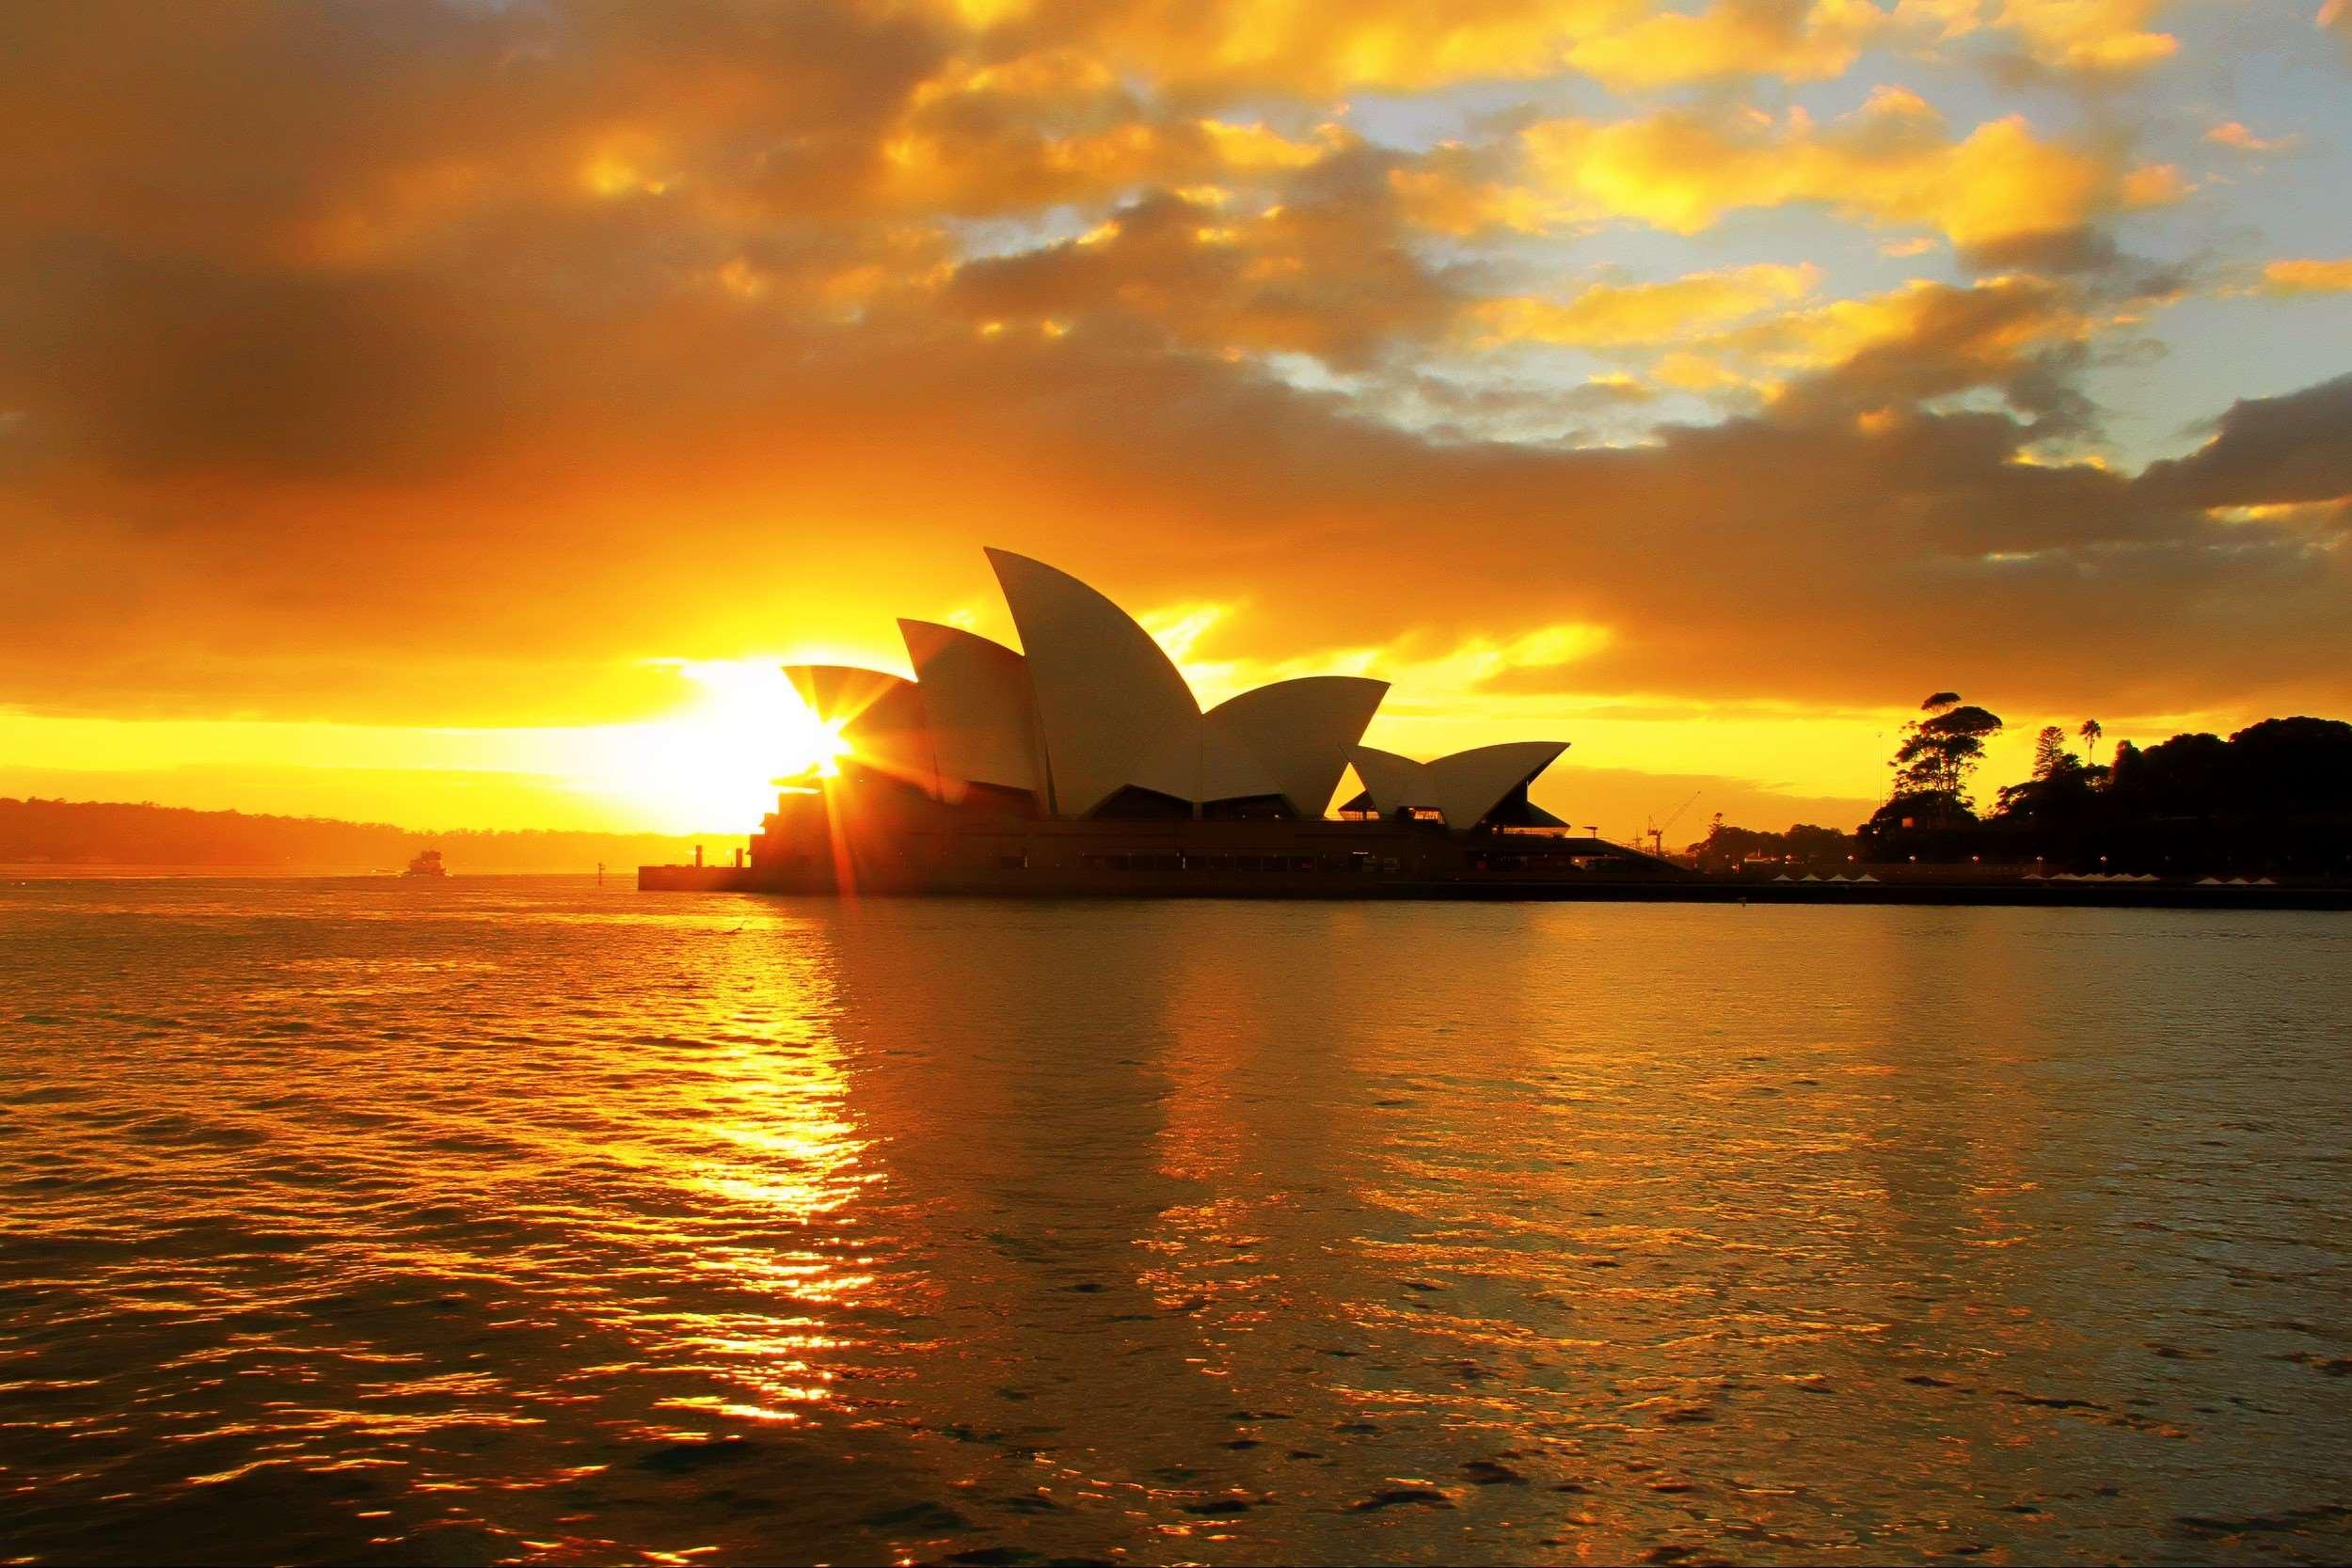 Du lịch Australia - Hà Nội - Melbourne - Sysney - Hà Nội